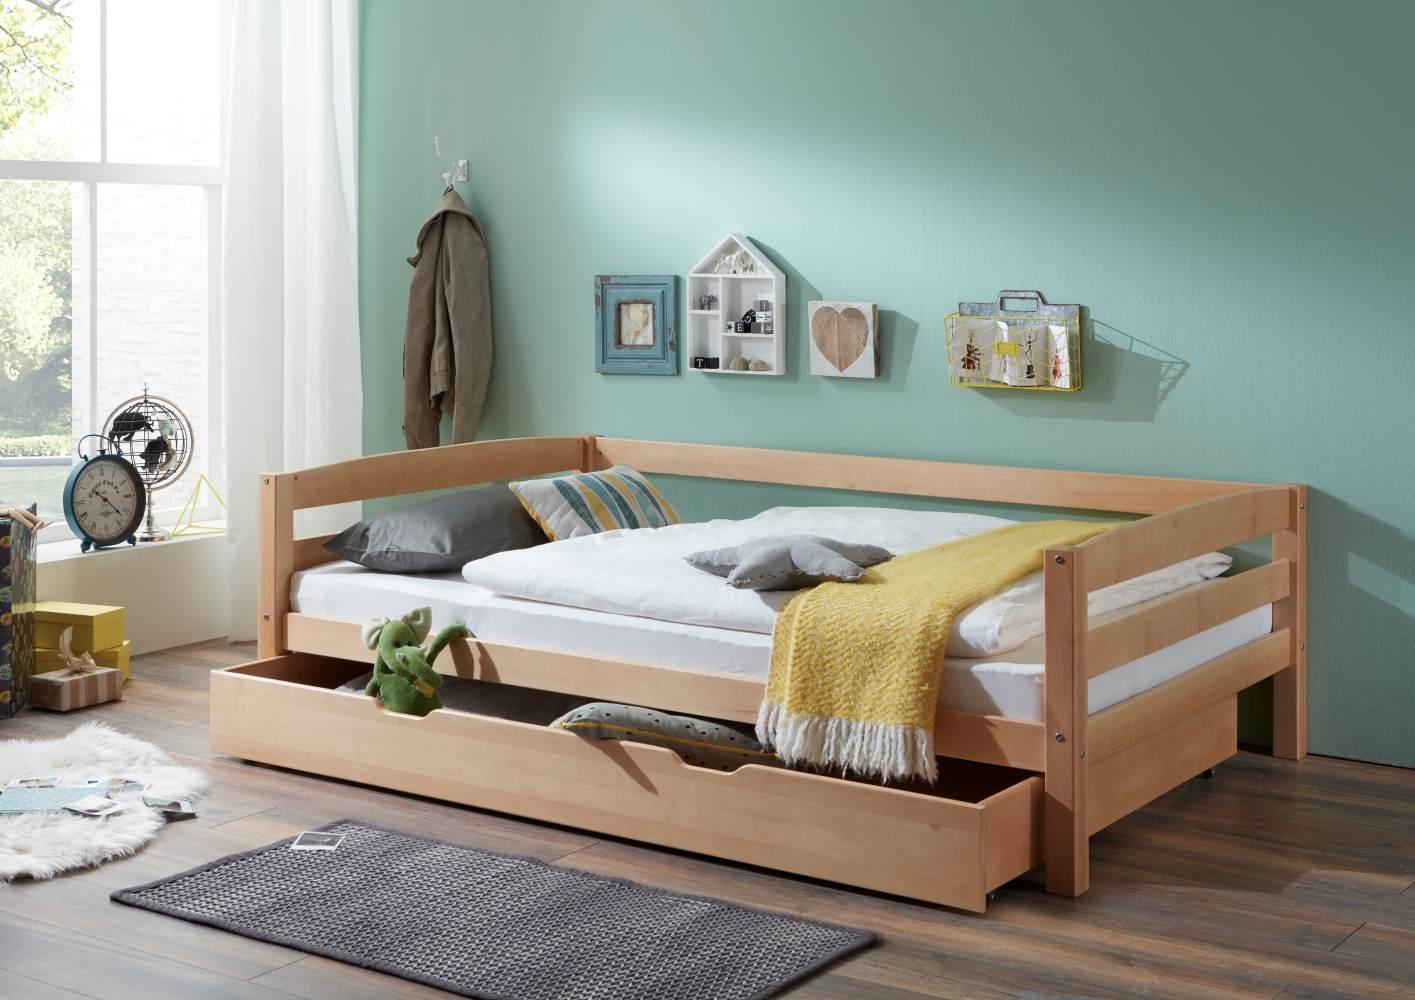 Relita Einzelbett Nora mit Bettkasten in Buche massiv, ohne Lattenrost, natur lackiert, Liegefläche 90x200 cm, Bettkasten 90x190 cm Bild 1